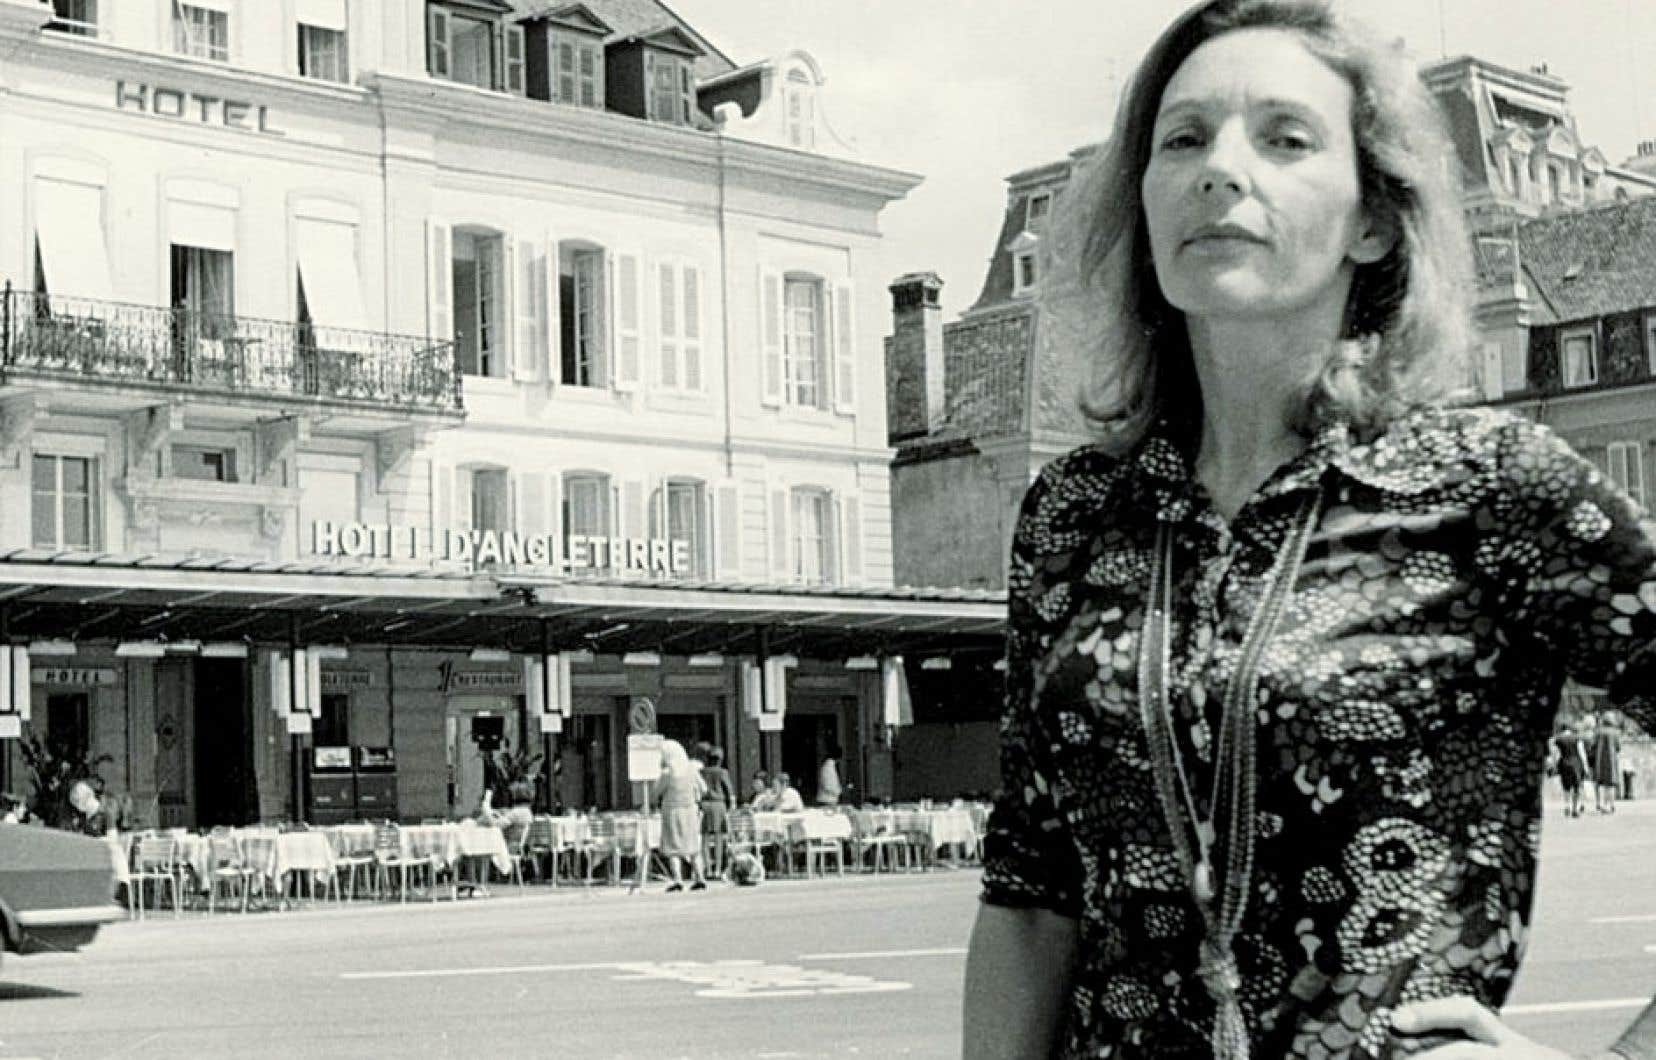 Andrée Yanacopoulo en 1972, prise par Hubert Aquin devant l'hôtel d'Angleterre, Ouchy, en Suisse.